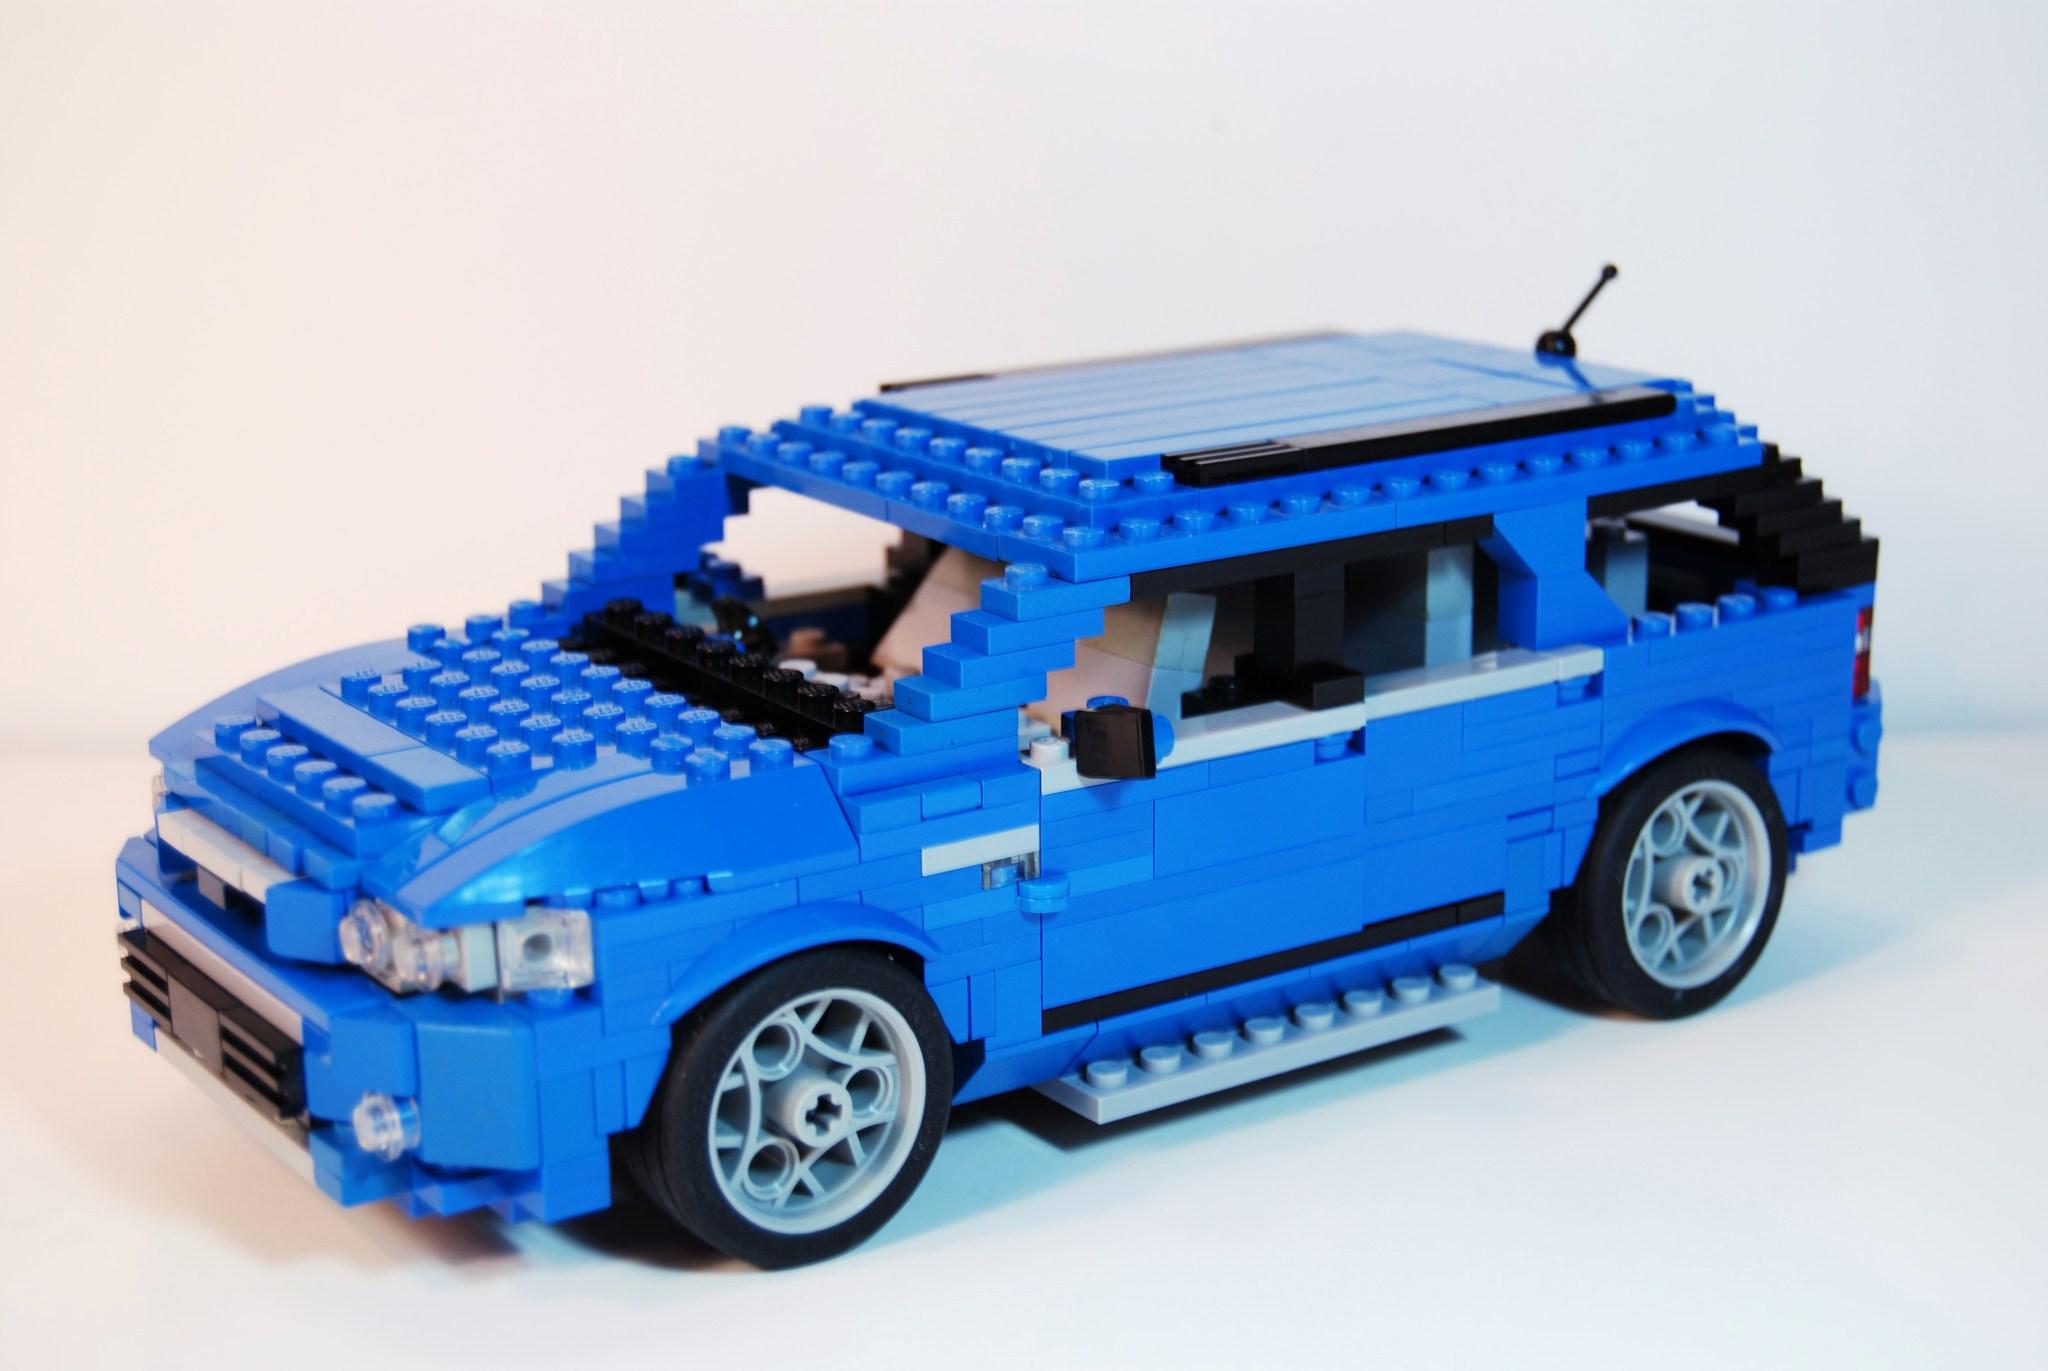 Lego Ford Territory 2009 The Lego Car Blog